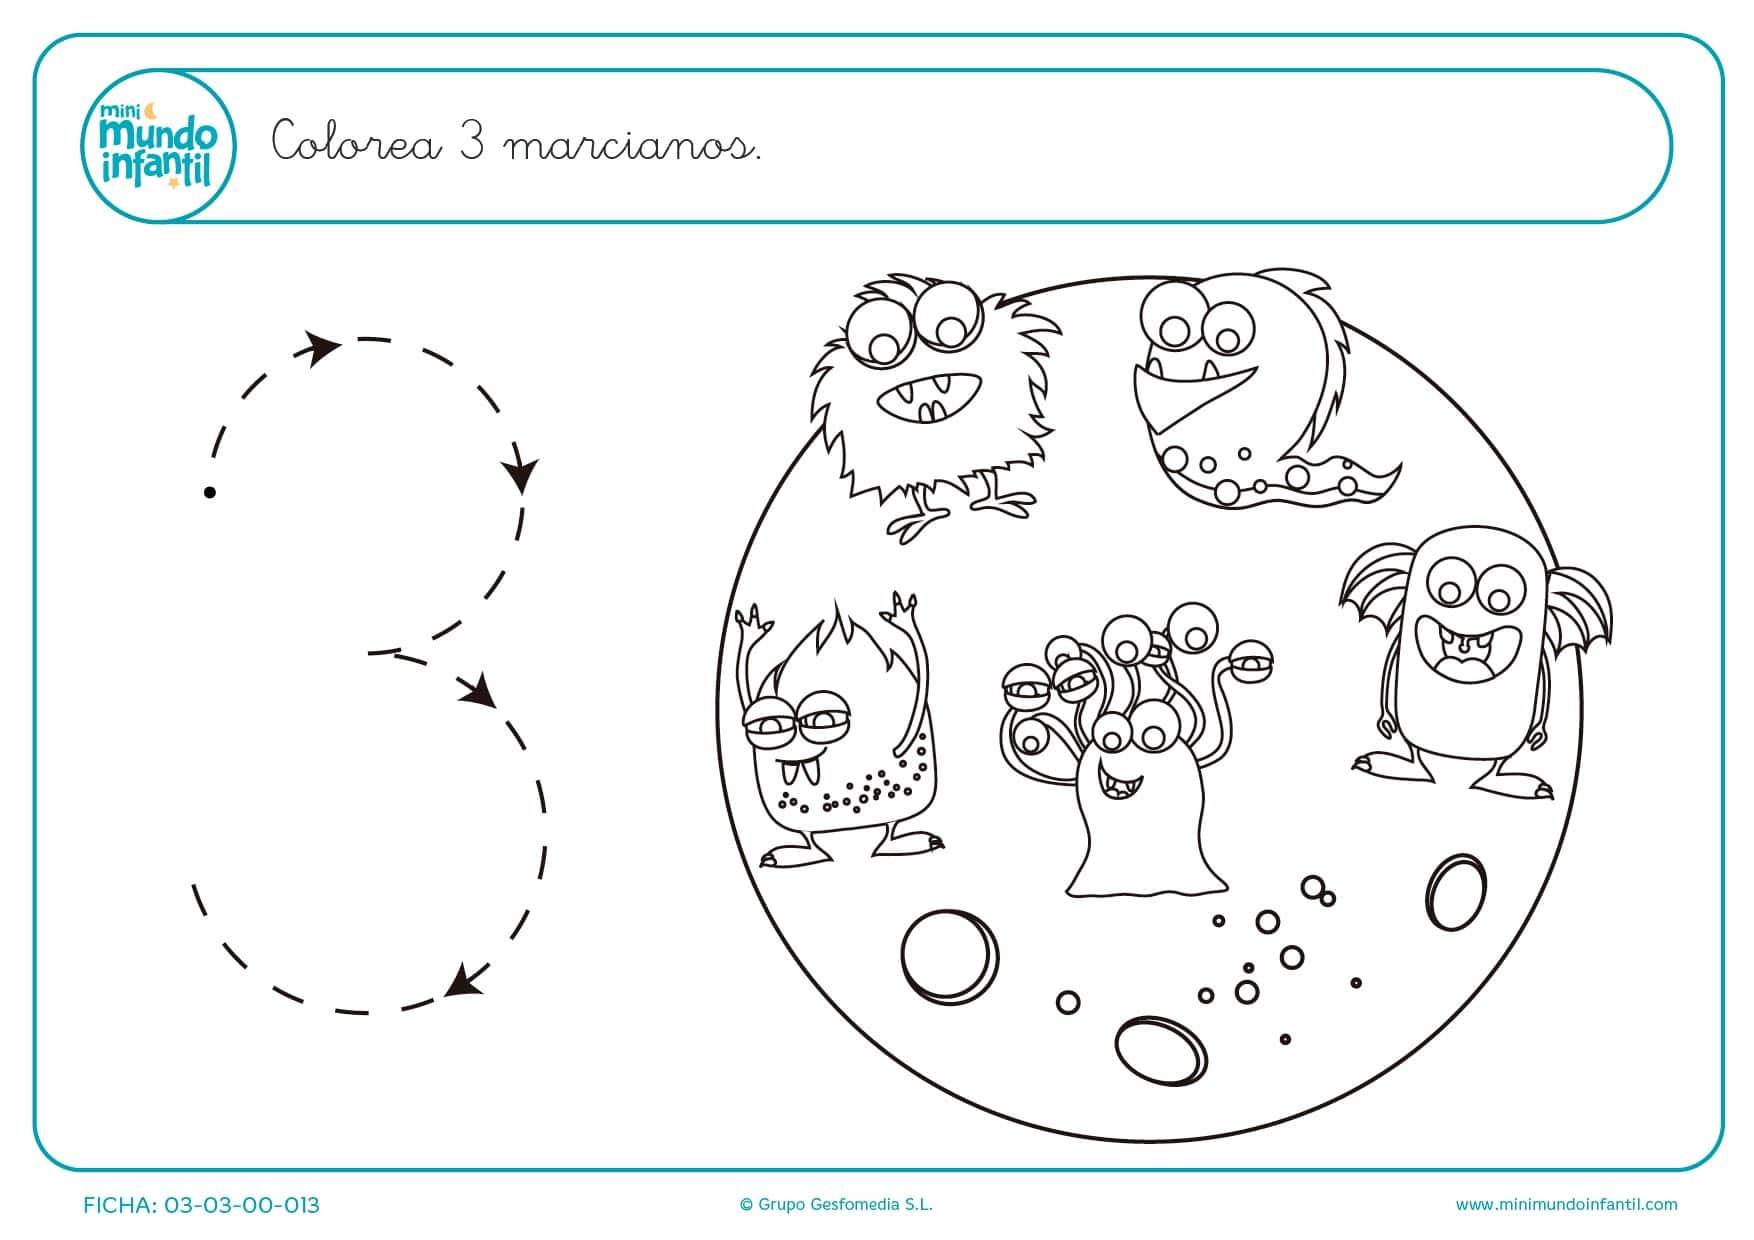 Dibujos De Marcianos Para Colorear: Trazar El Número 3 Y Colorear 3 Marcianos